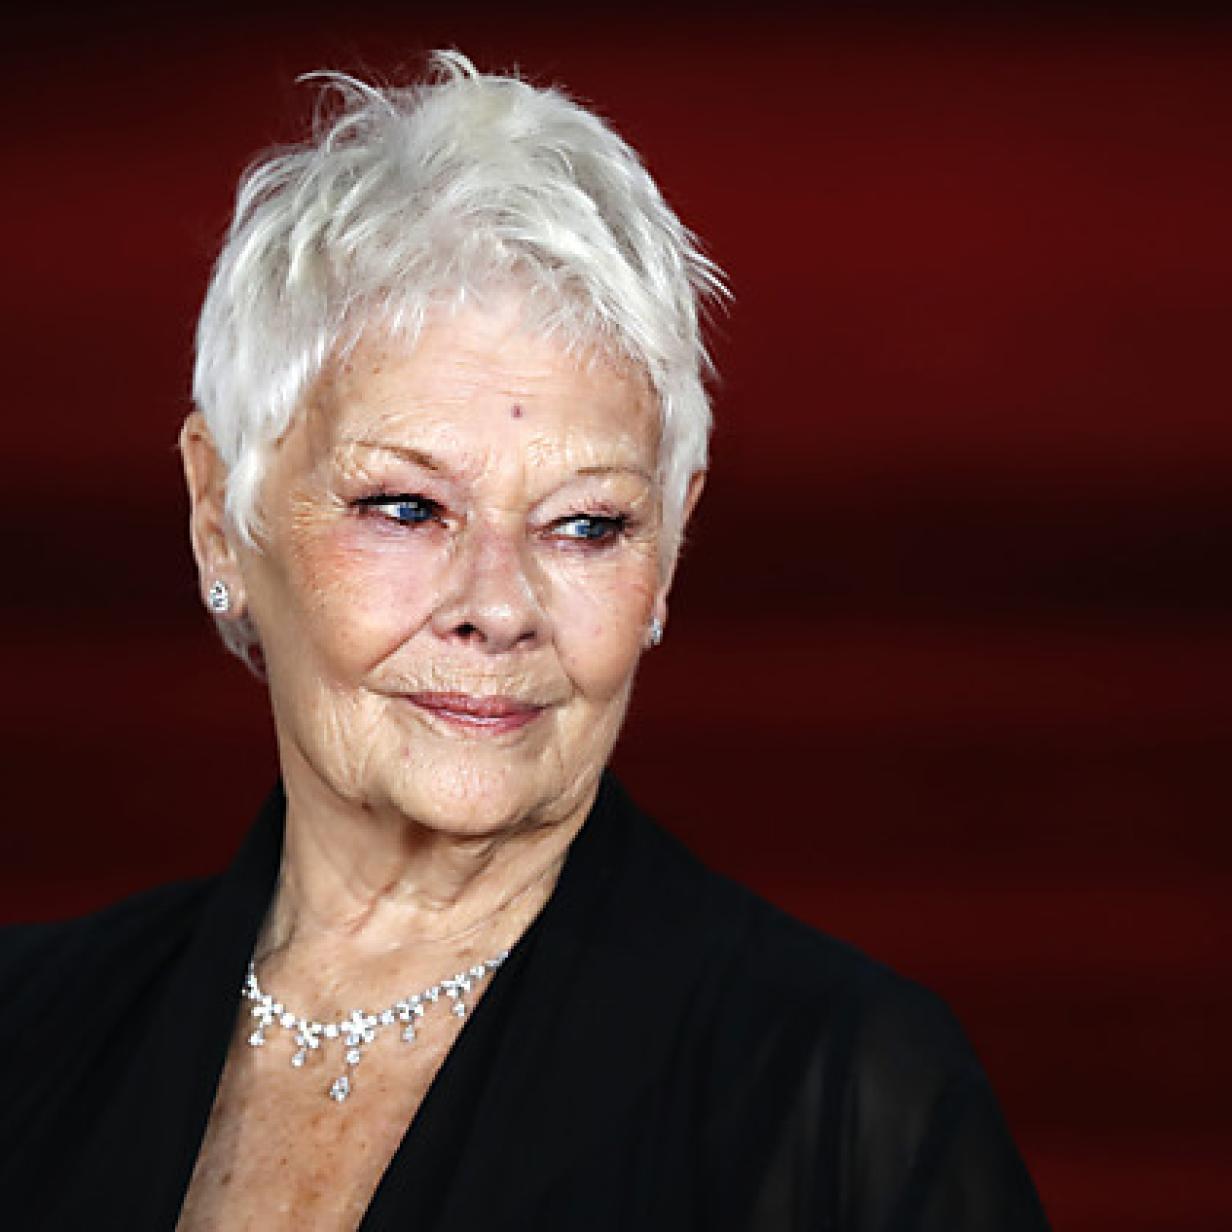 Hier bewies die Schauspielerin Judi Dench großen Mut